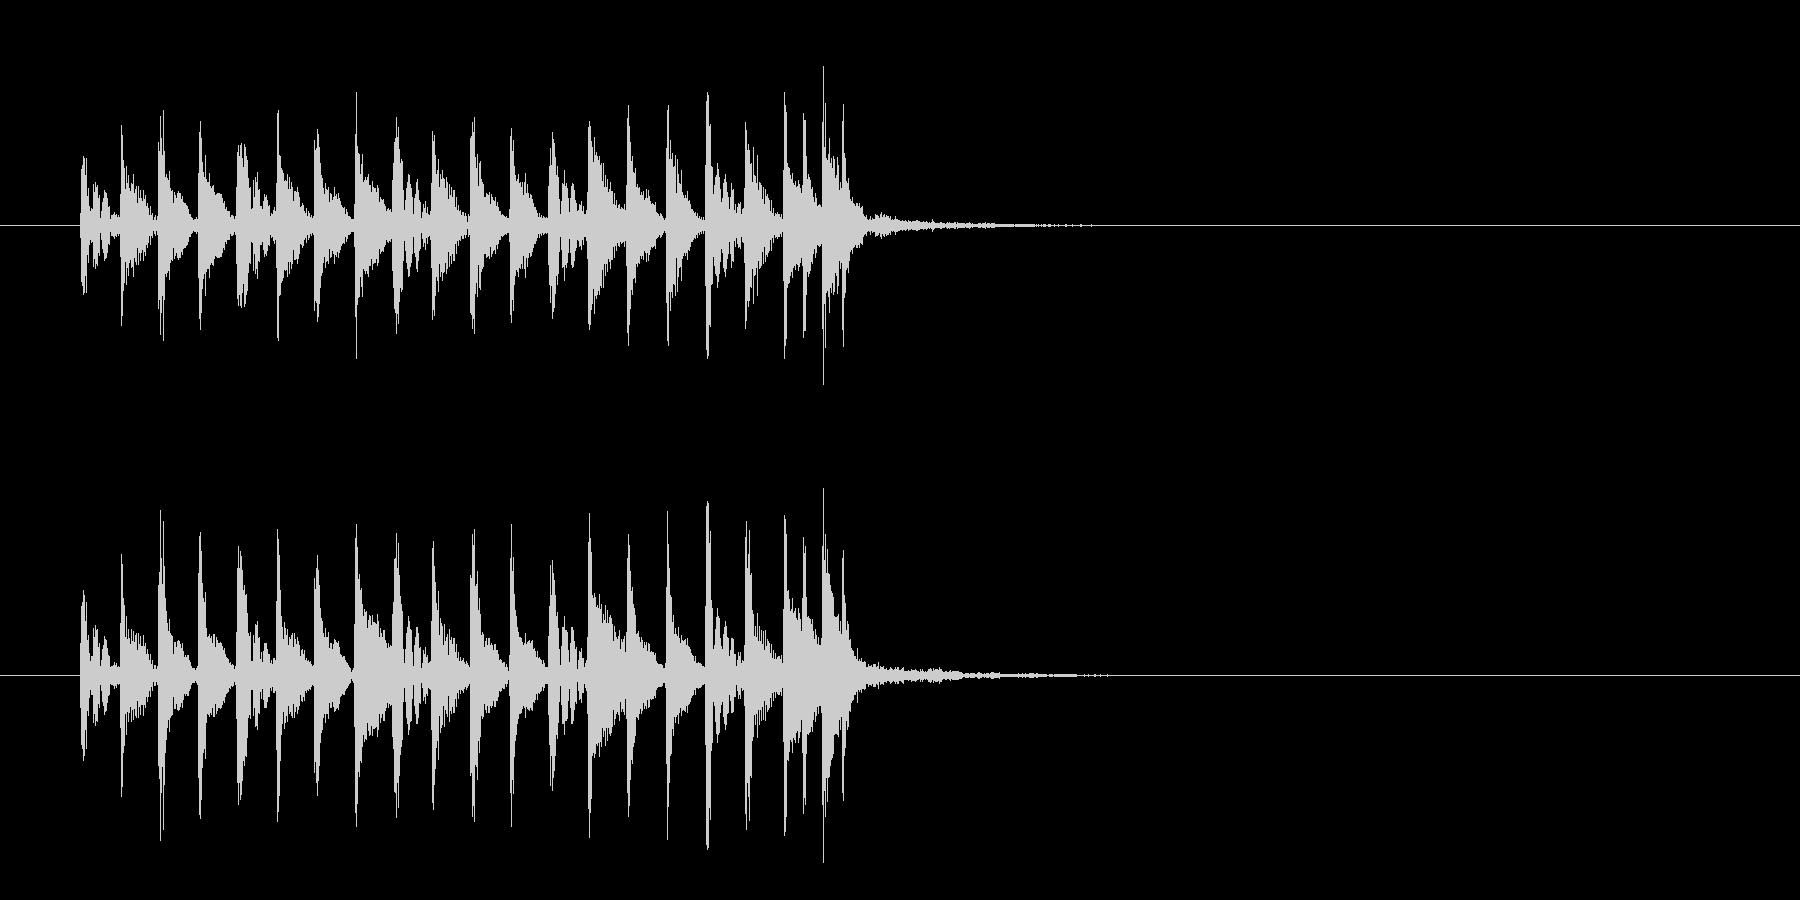 ジングル(はい!時間切れです風)の未再生の波形